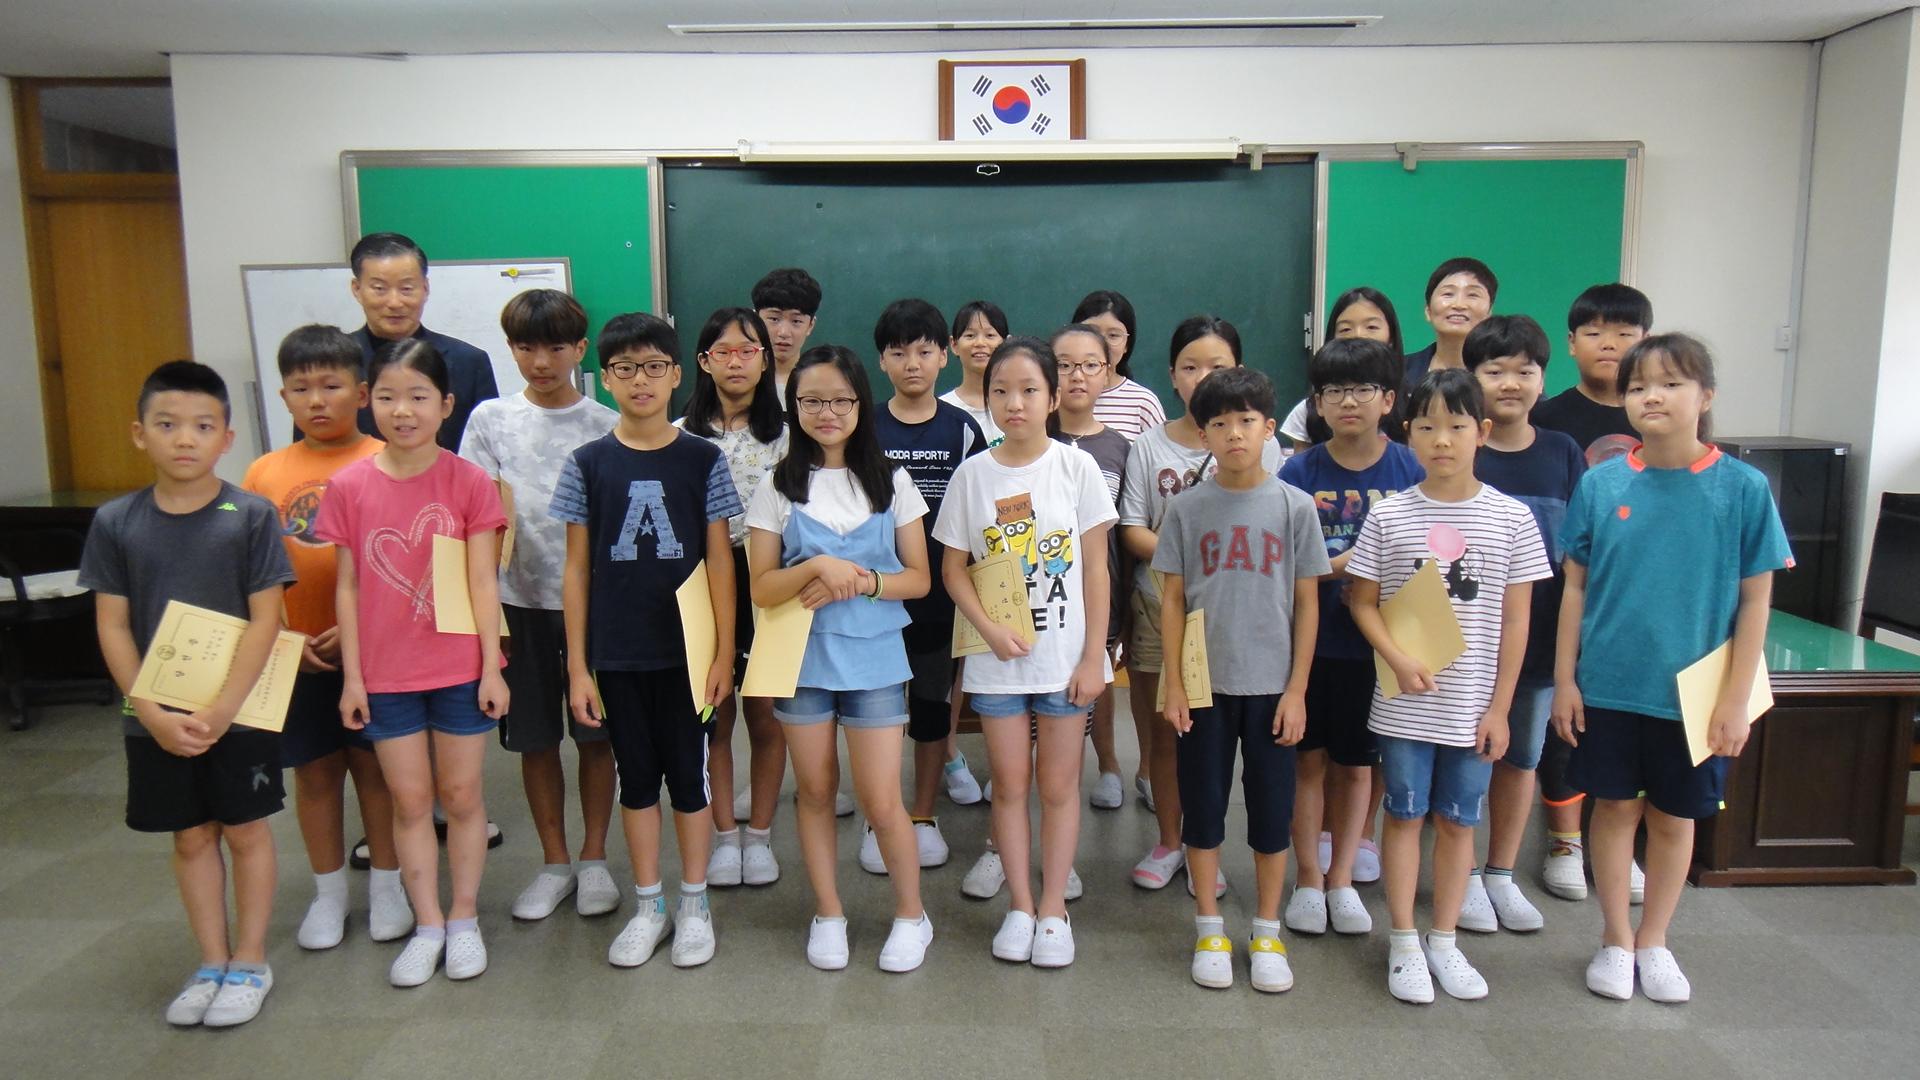 [일반] 2학기 학생자치회 당선증 수여식의 첨부이미지 4